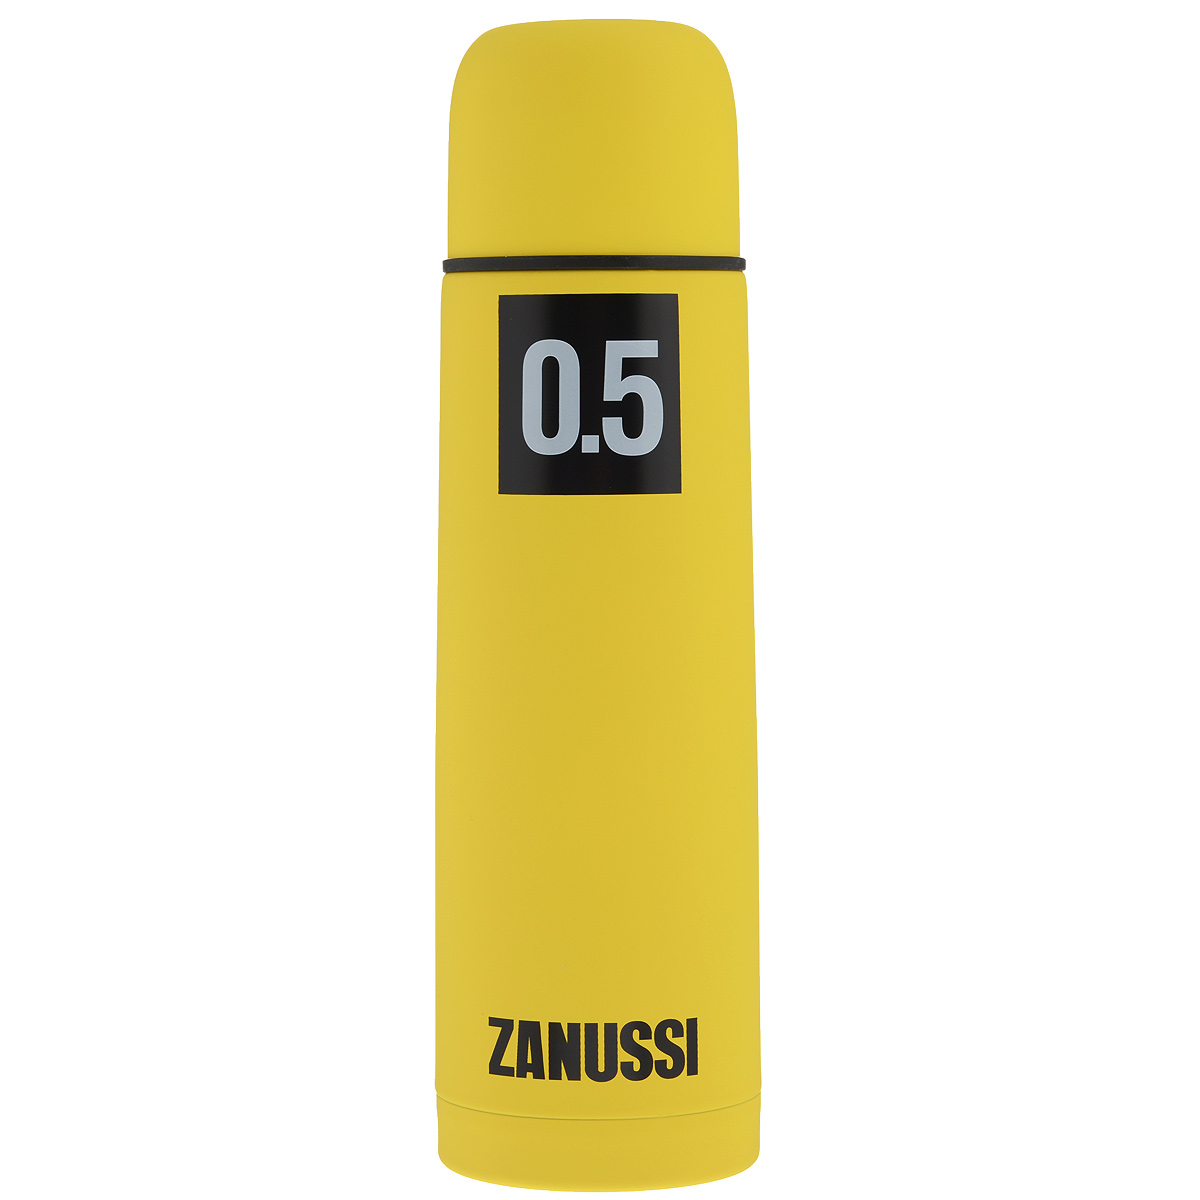 Термос Zanussi, цвет: желтый, 500 млZVF21221CFТермос с узким горлом Zanussi, изготовленный из высококачественной нержавеющей стали 18/10, является простым в использовании, экономичным и многофункциональным. Корпус изделия оснащен резиновым покрытием, благодаря чему термос практически невозможно разбить, он защищен от сколов. Термос с двухстеночной вакуумной изоляцией, предназначенный для хранения горячих и холодных напитков (чая, кофе), сохраняет их до 12 часов горячими и холодными в течении 24 часов. Изделие укомплектовано пробкой с кнопкой. Такая пробка удобна в использовании и позволяет, не отвинчивая ее, наливать напитки после простого нажатия. Изделие также оснащено крышкой-чашкой. Легкий и прочный термос Zanussi сохранит ваши напитки горячими или холодными надолго.